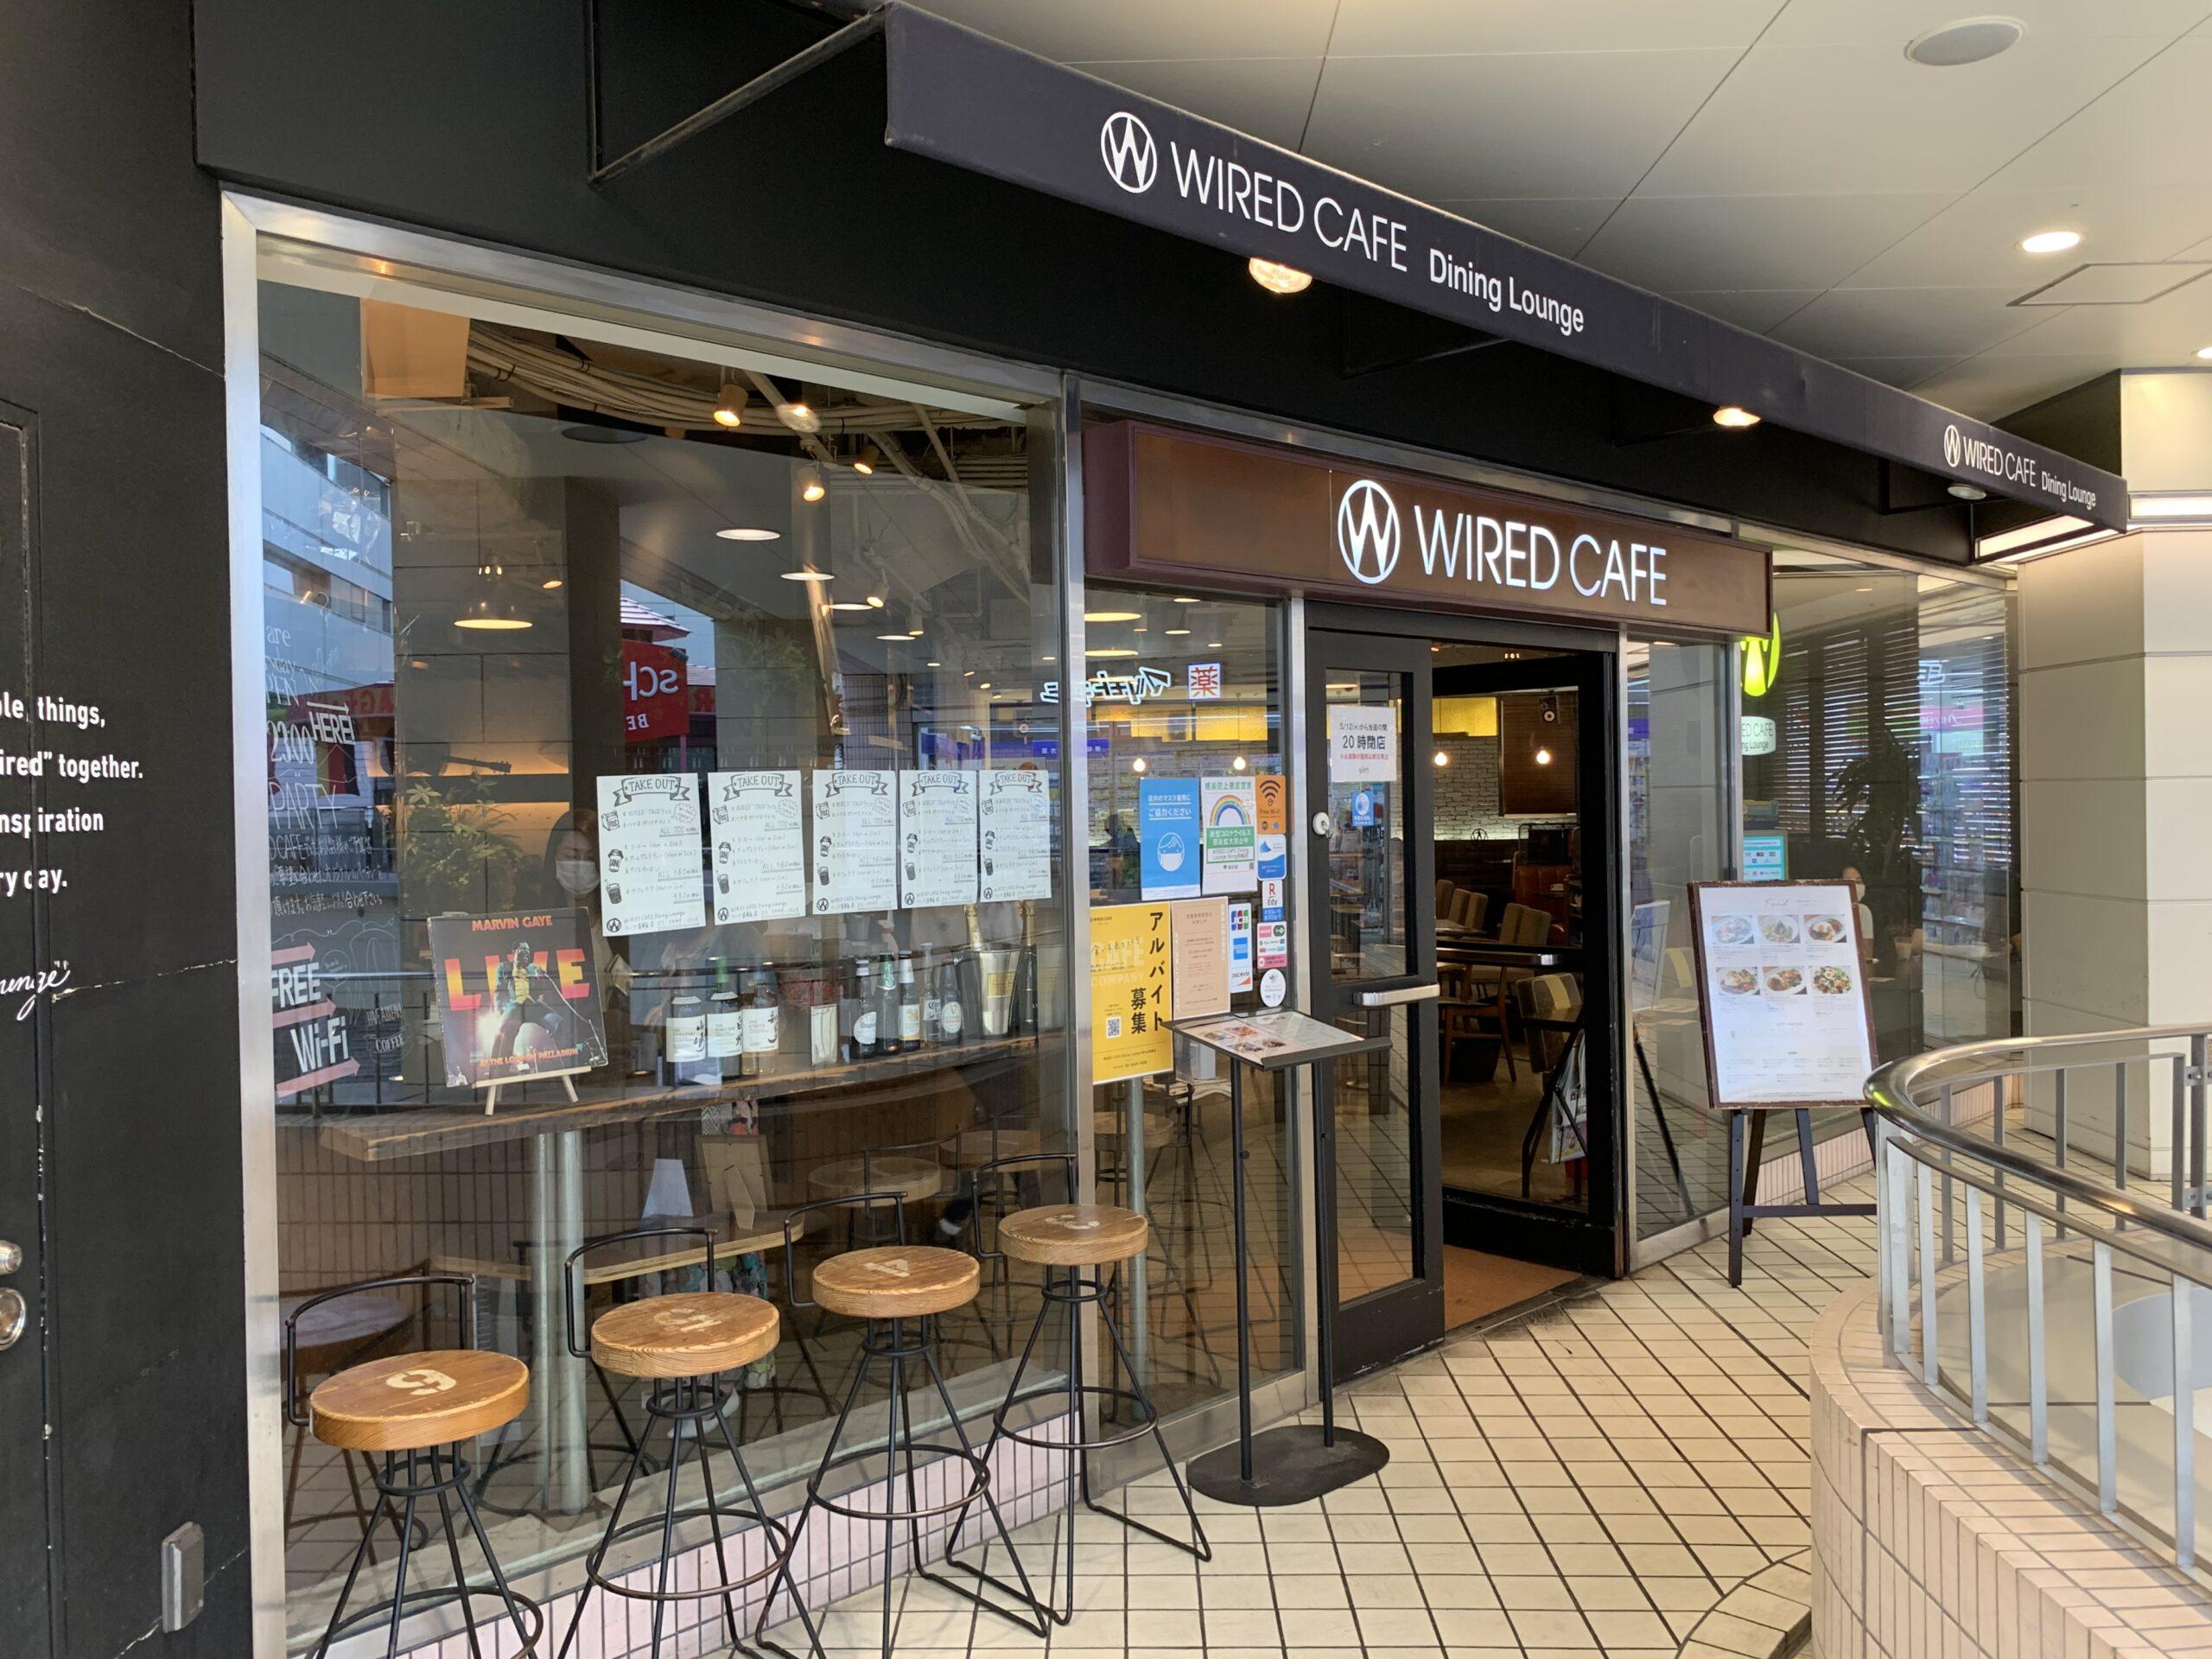 品川駅高輪口 WIRED CAFE Dining Lounge(ワイヤードカフェダイニングランジ) ウィング高輪店 Wi-Fi